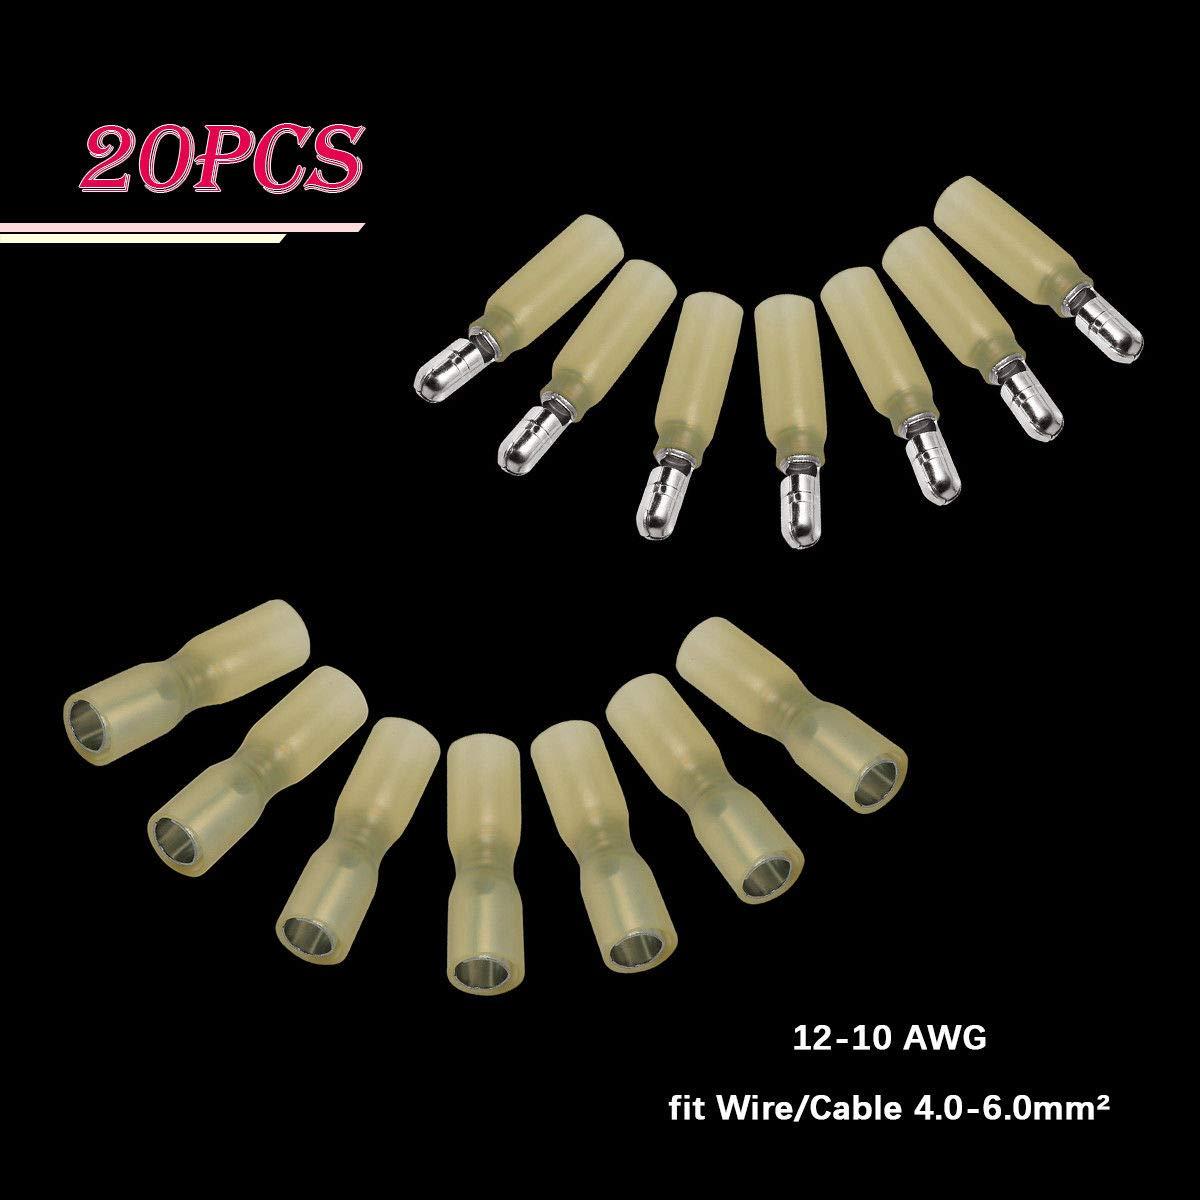 FidgetFidget Male Female Bullet Heat Shrink Wire Connectors Crimp Terminals 20pcs 12-10 Gauge